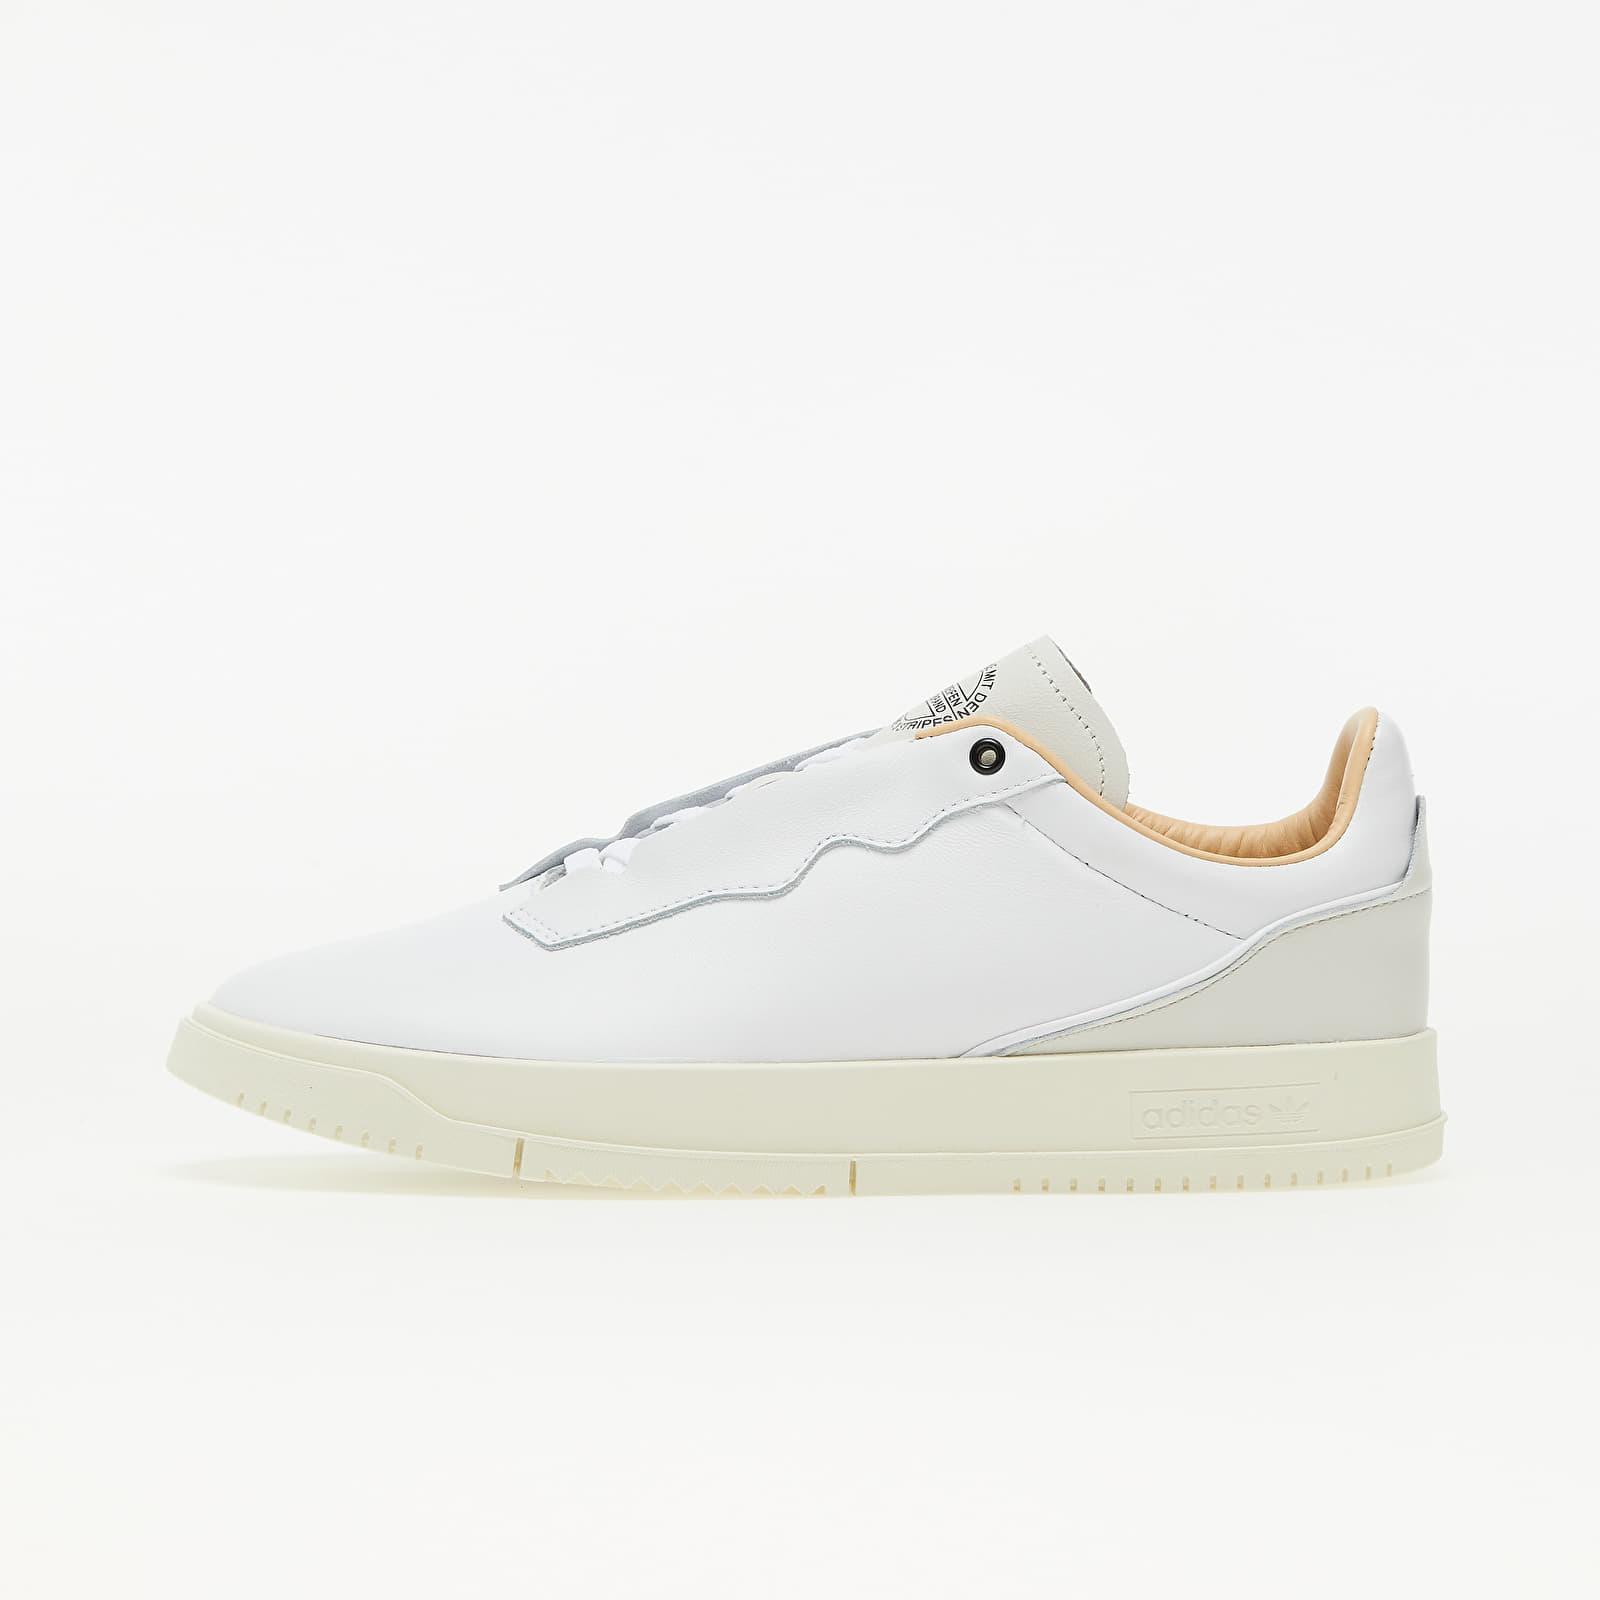 adidas Supercourt Premium Ftw White/ Off White/ Ftw White FX5724